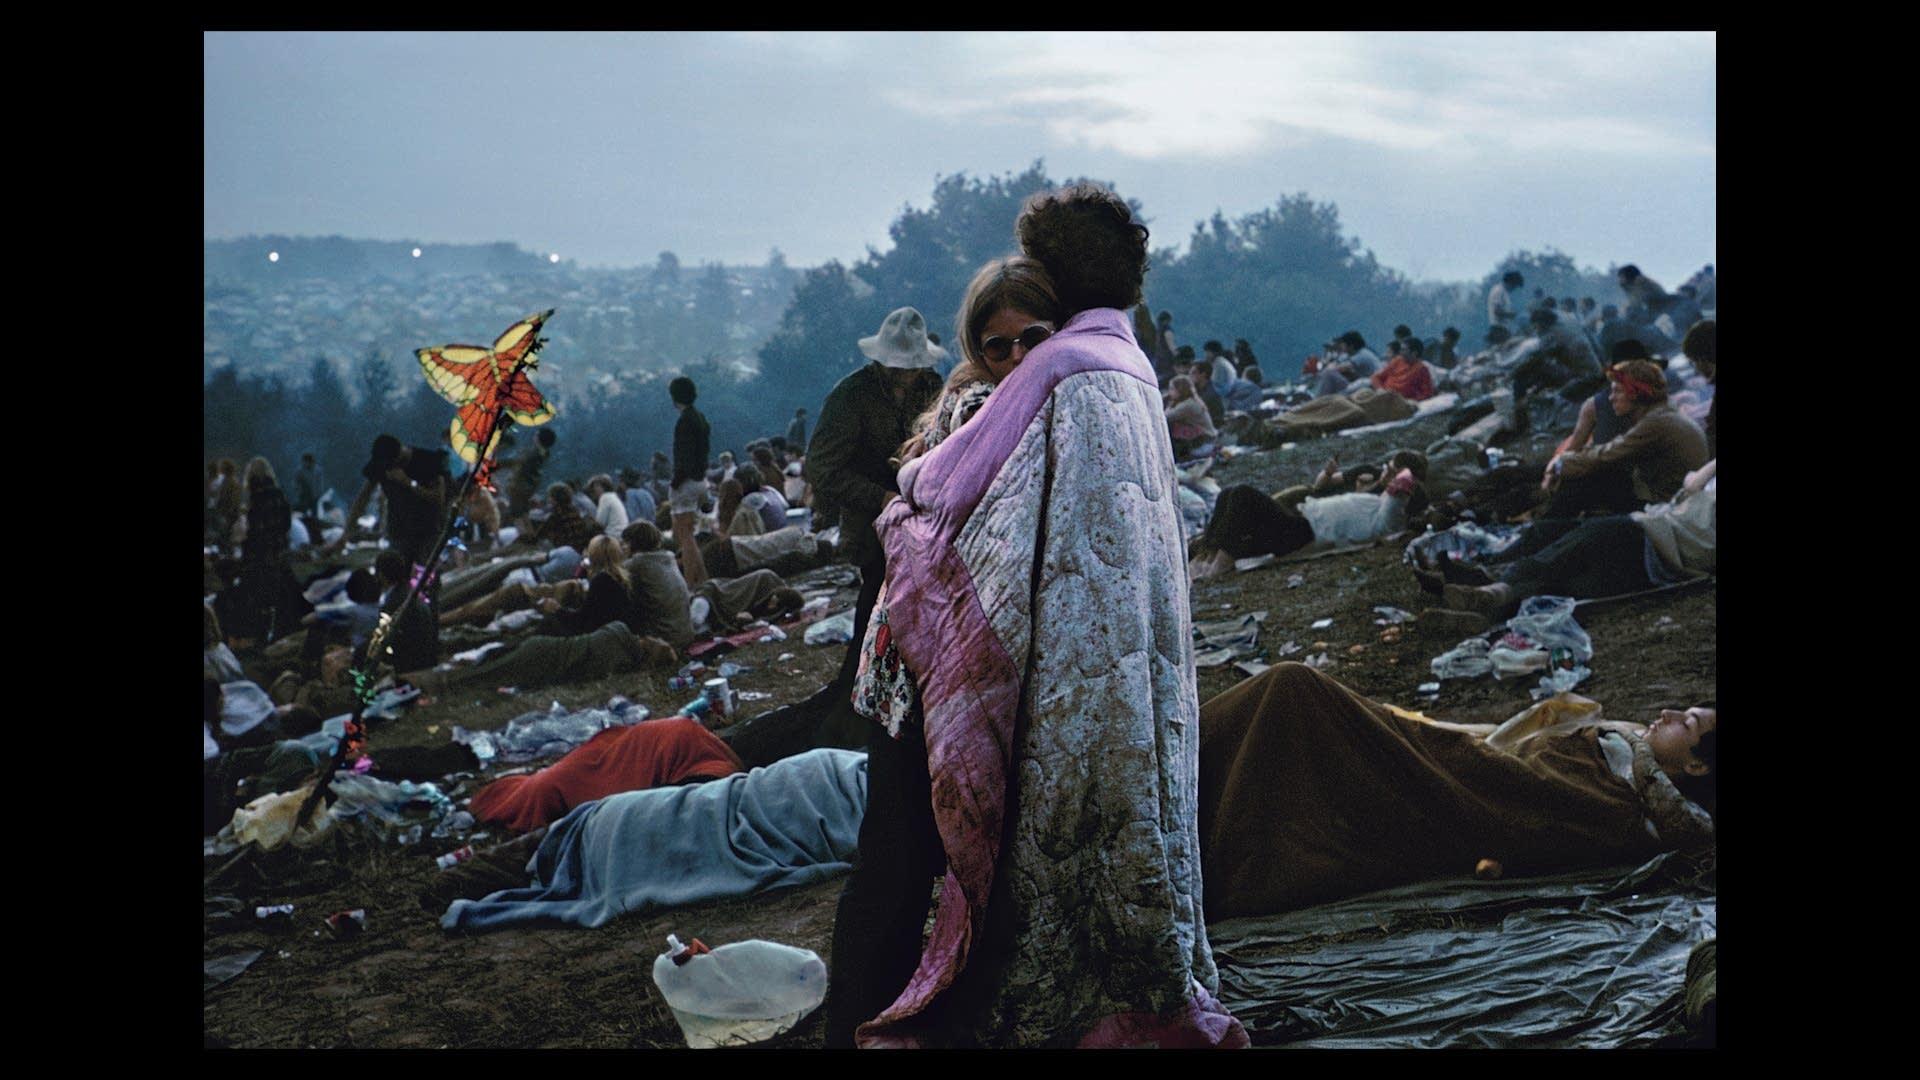 Woodstock album cover